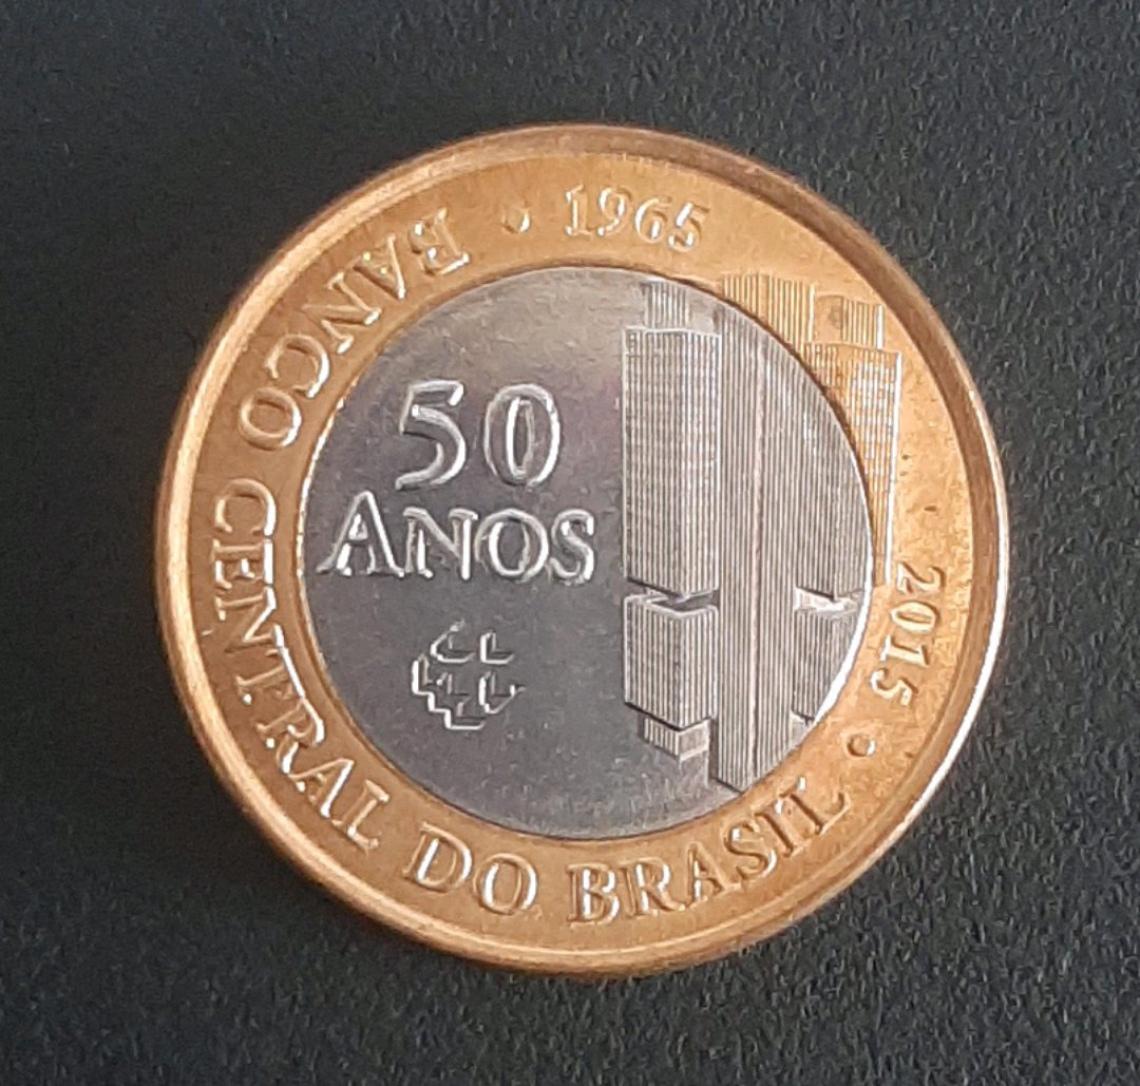 1o. GRANDE LEILÃO DE SELOS - PANDA COLEÇÕES